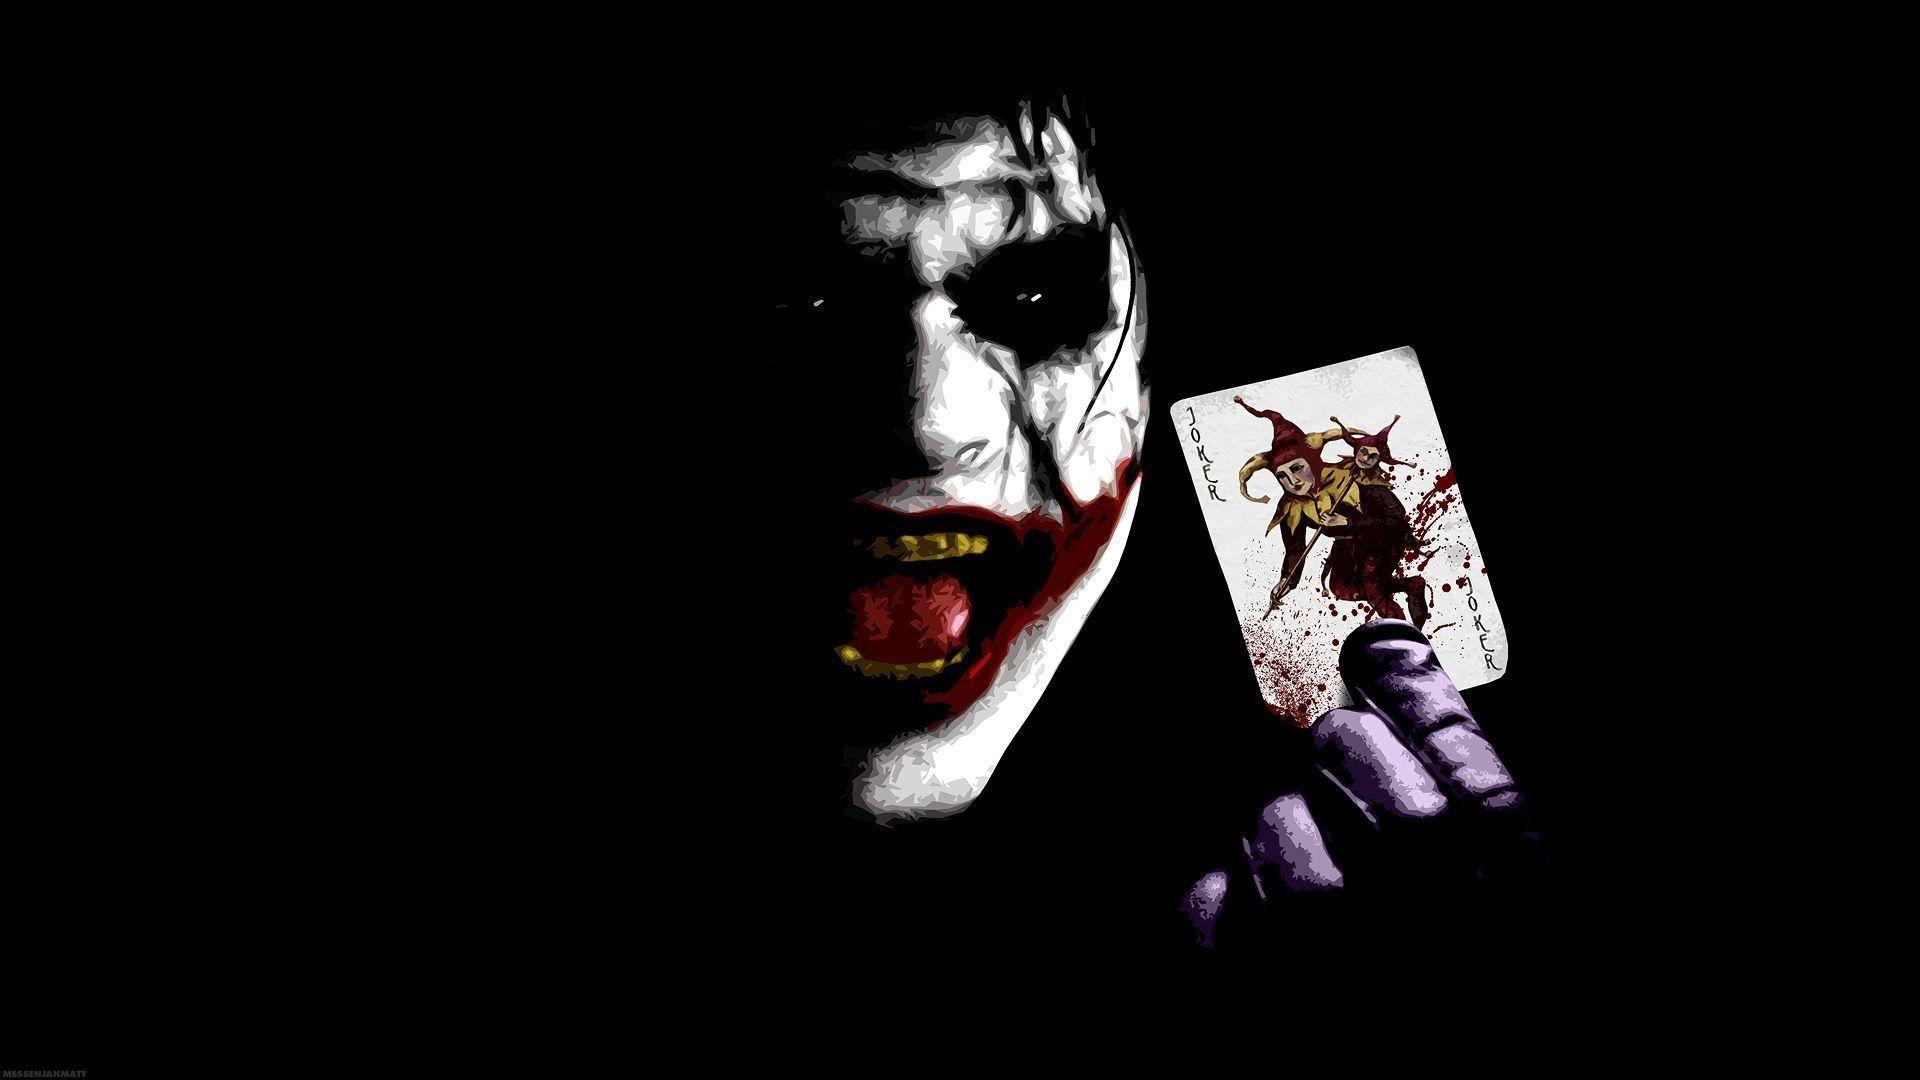 Hình nền 1920x1080 Joker trong Mod nguy hiểm với thẻ Joker